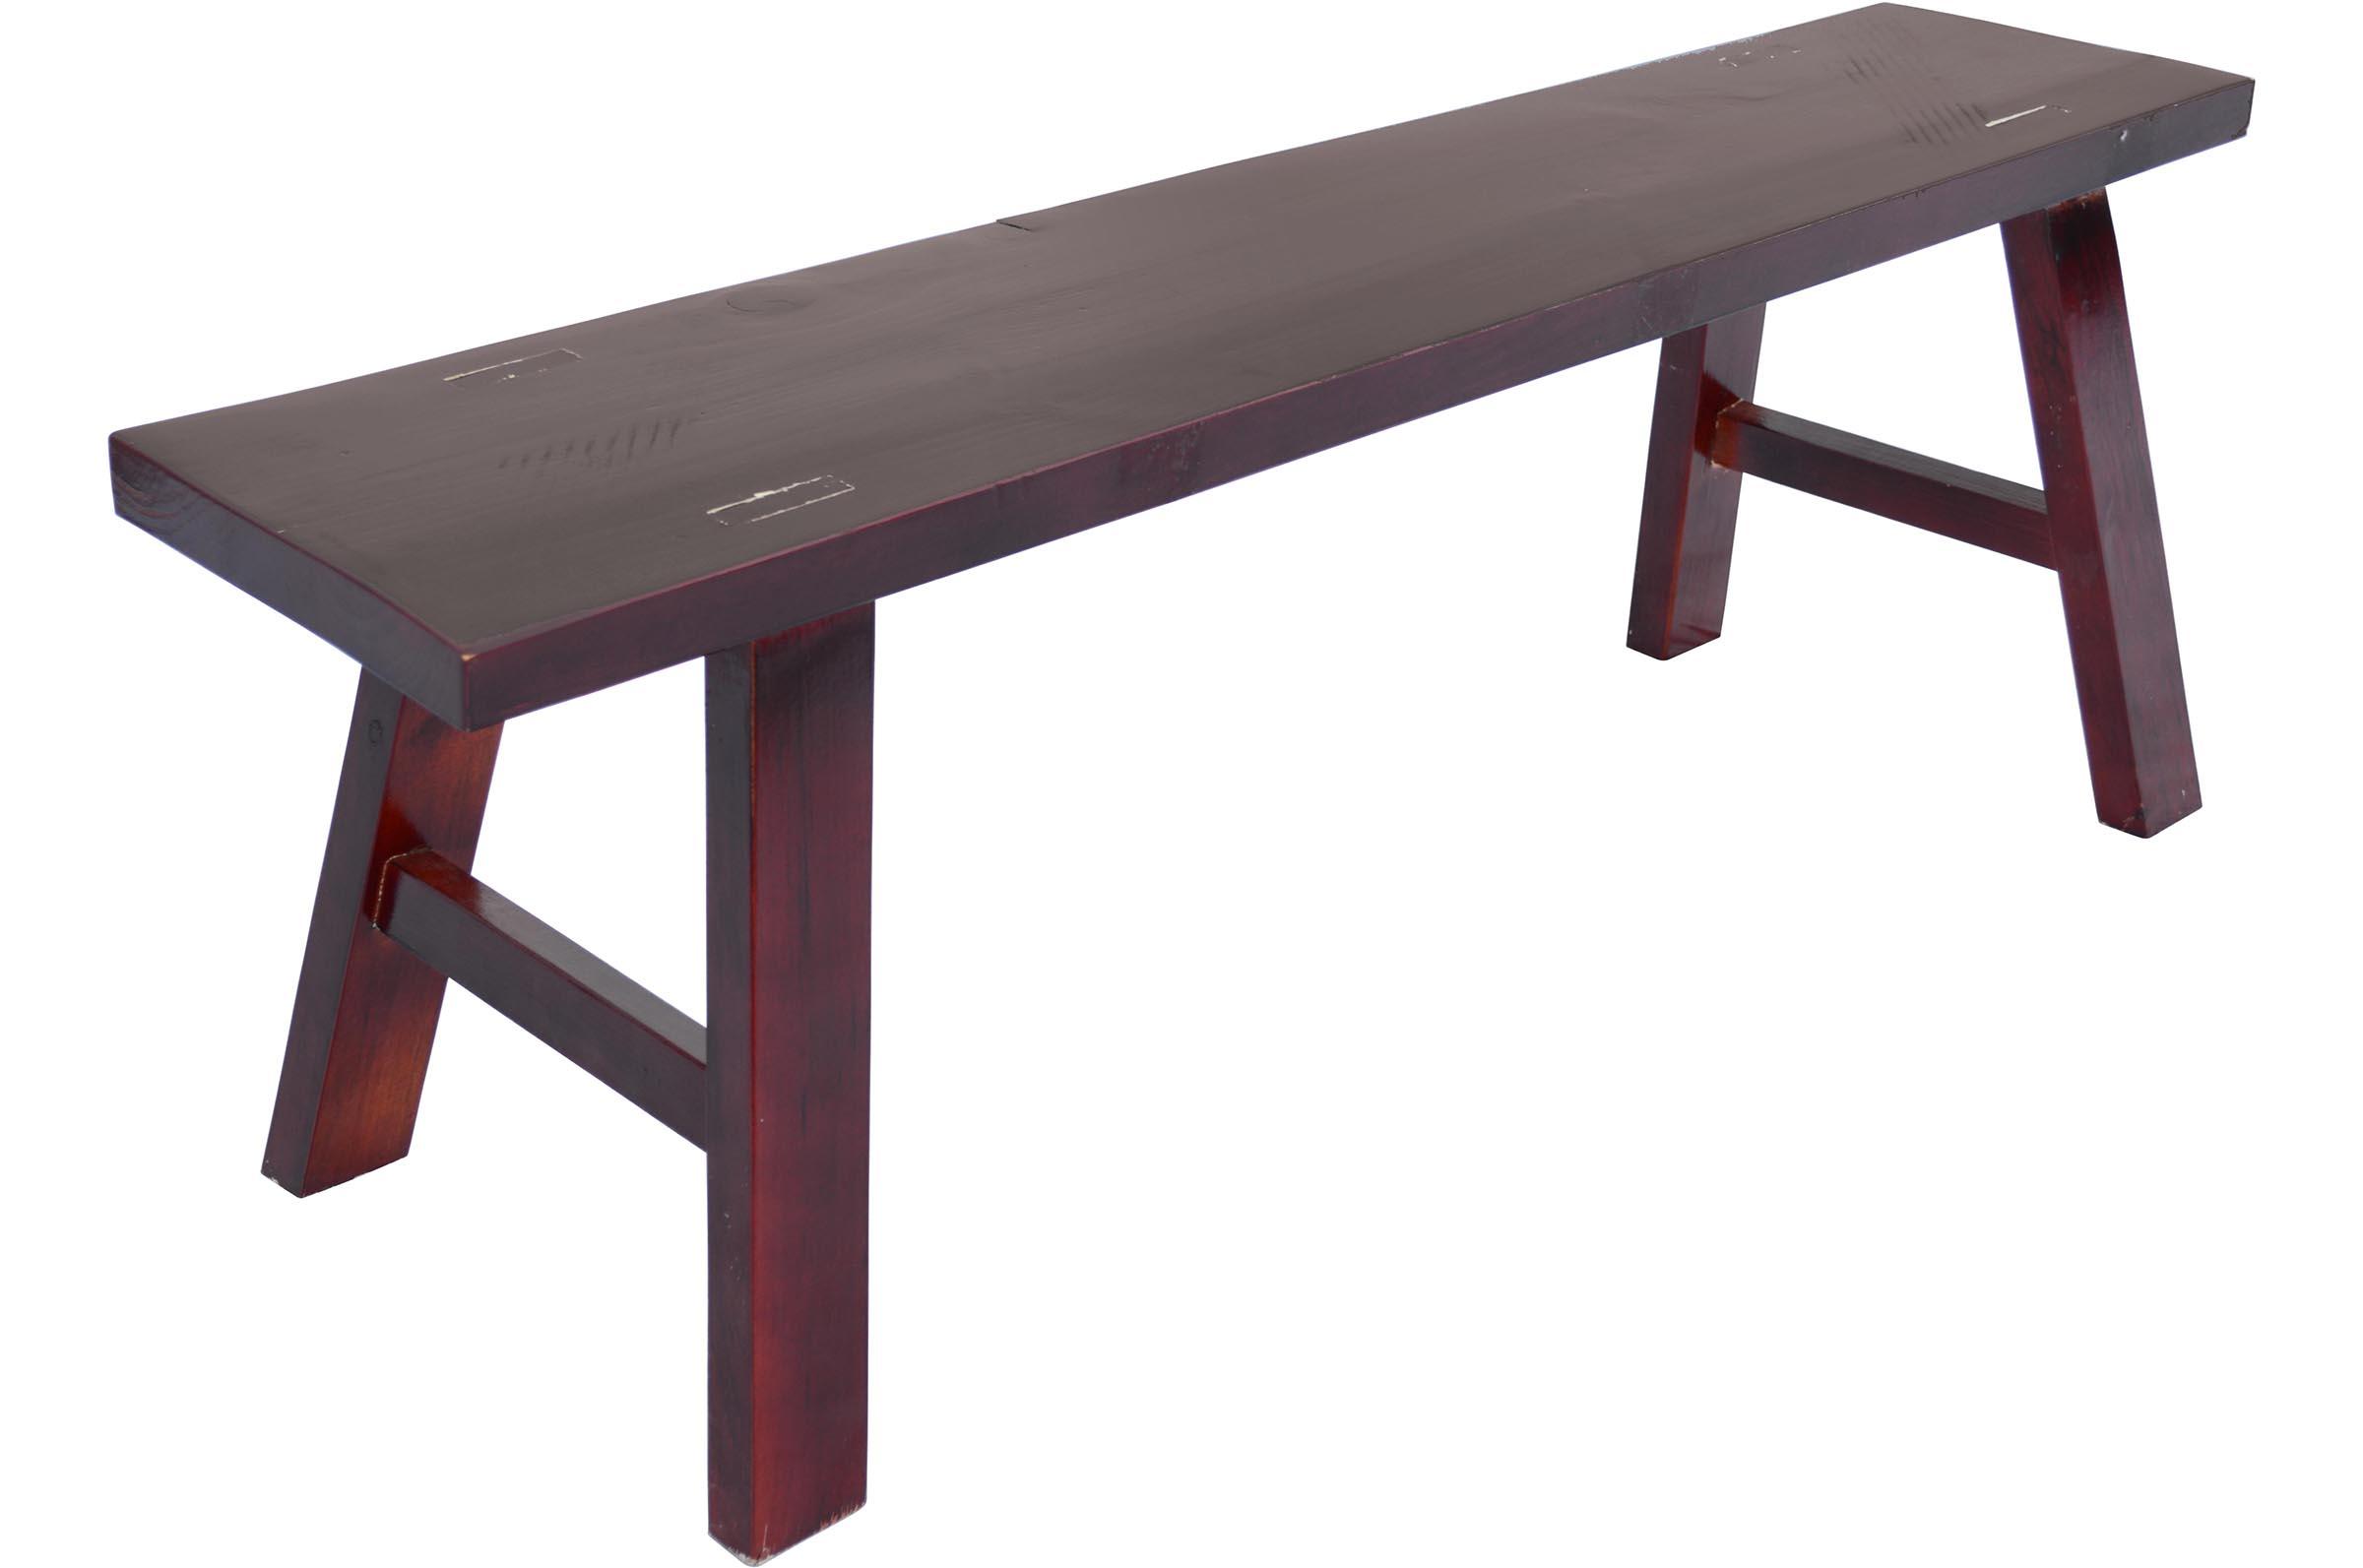 wooden kung fu bench. Black Bedroom Furniture Sets. Home Design Ideas